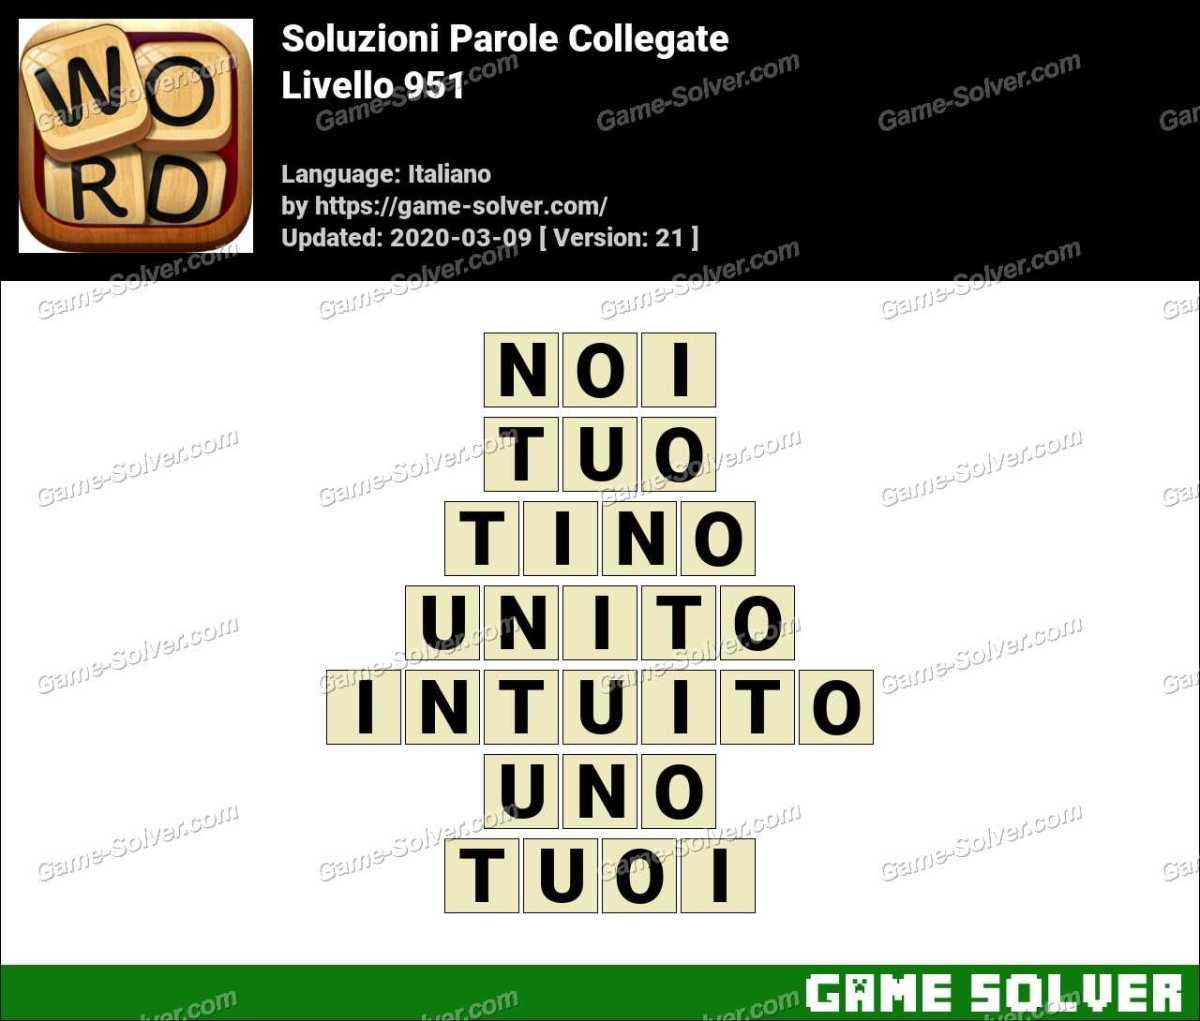 Soluzioni Parole Collegate Livello 951